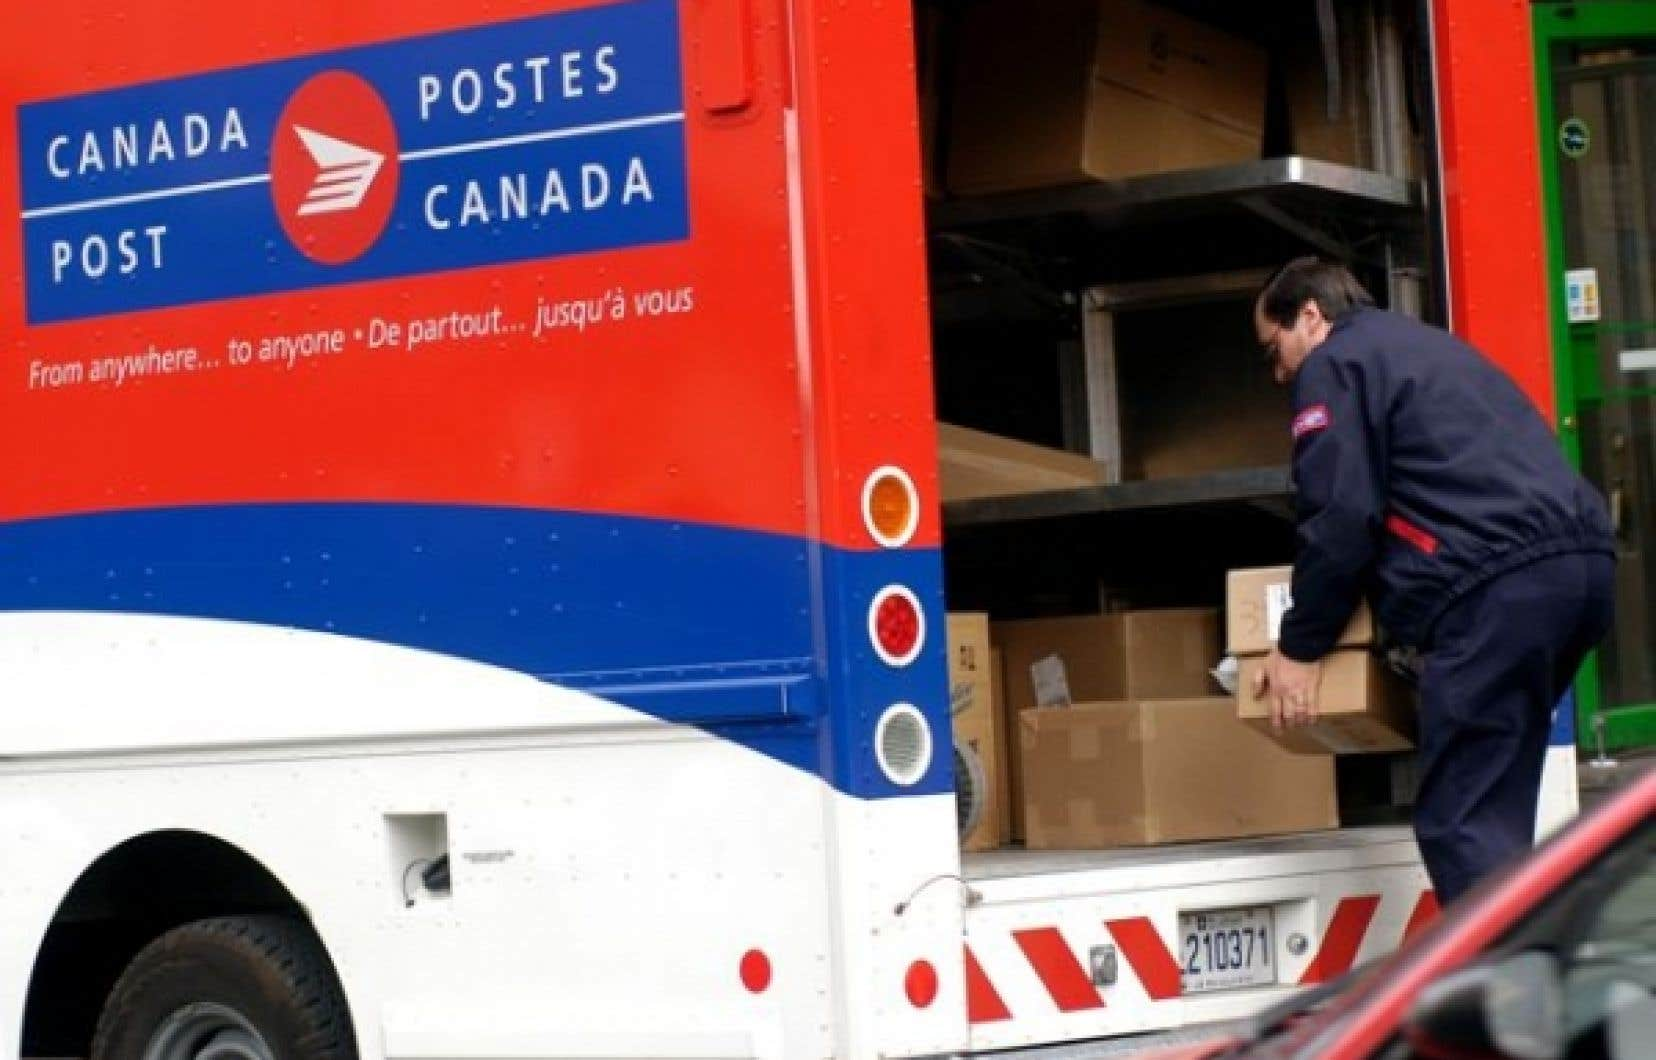 Postes Canada a mis 50 000 de ses employés en lock-out le 14 juin 2011, au terme de plusieurs grèves tournantes déclenchées par les syndiqués du STTP.